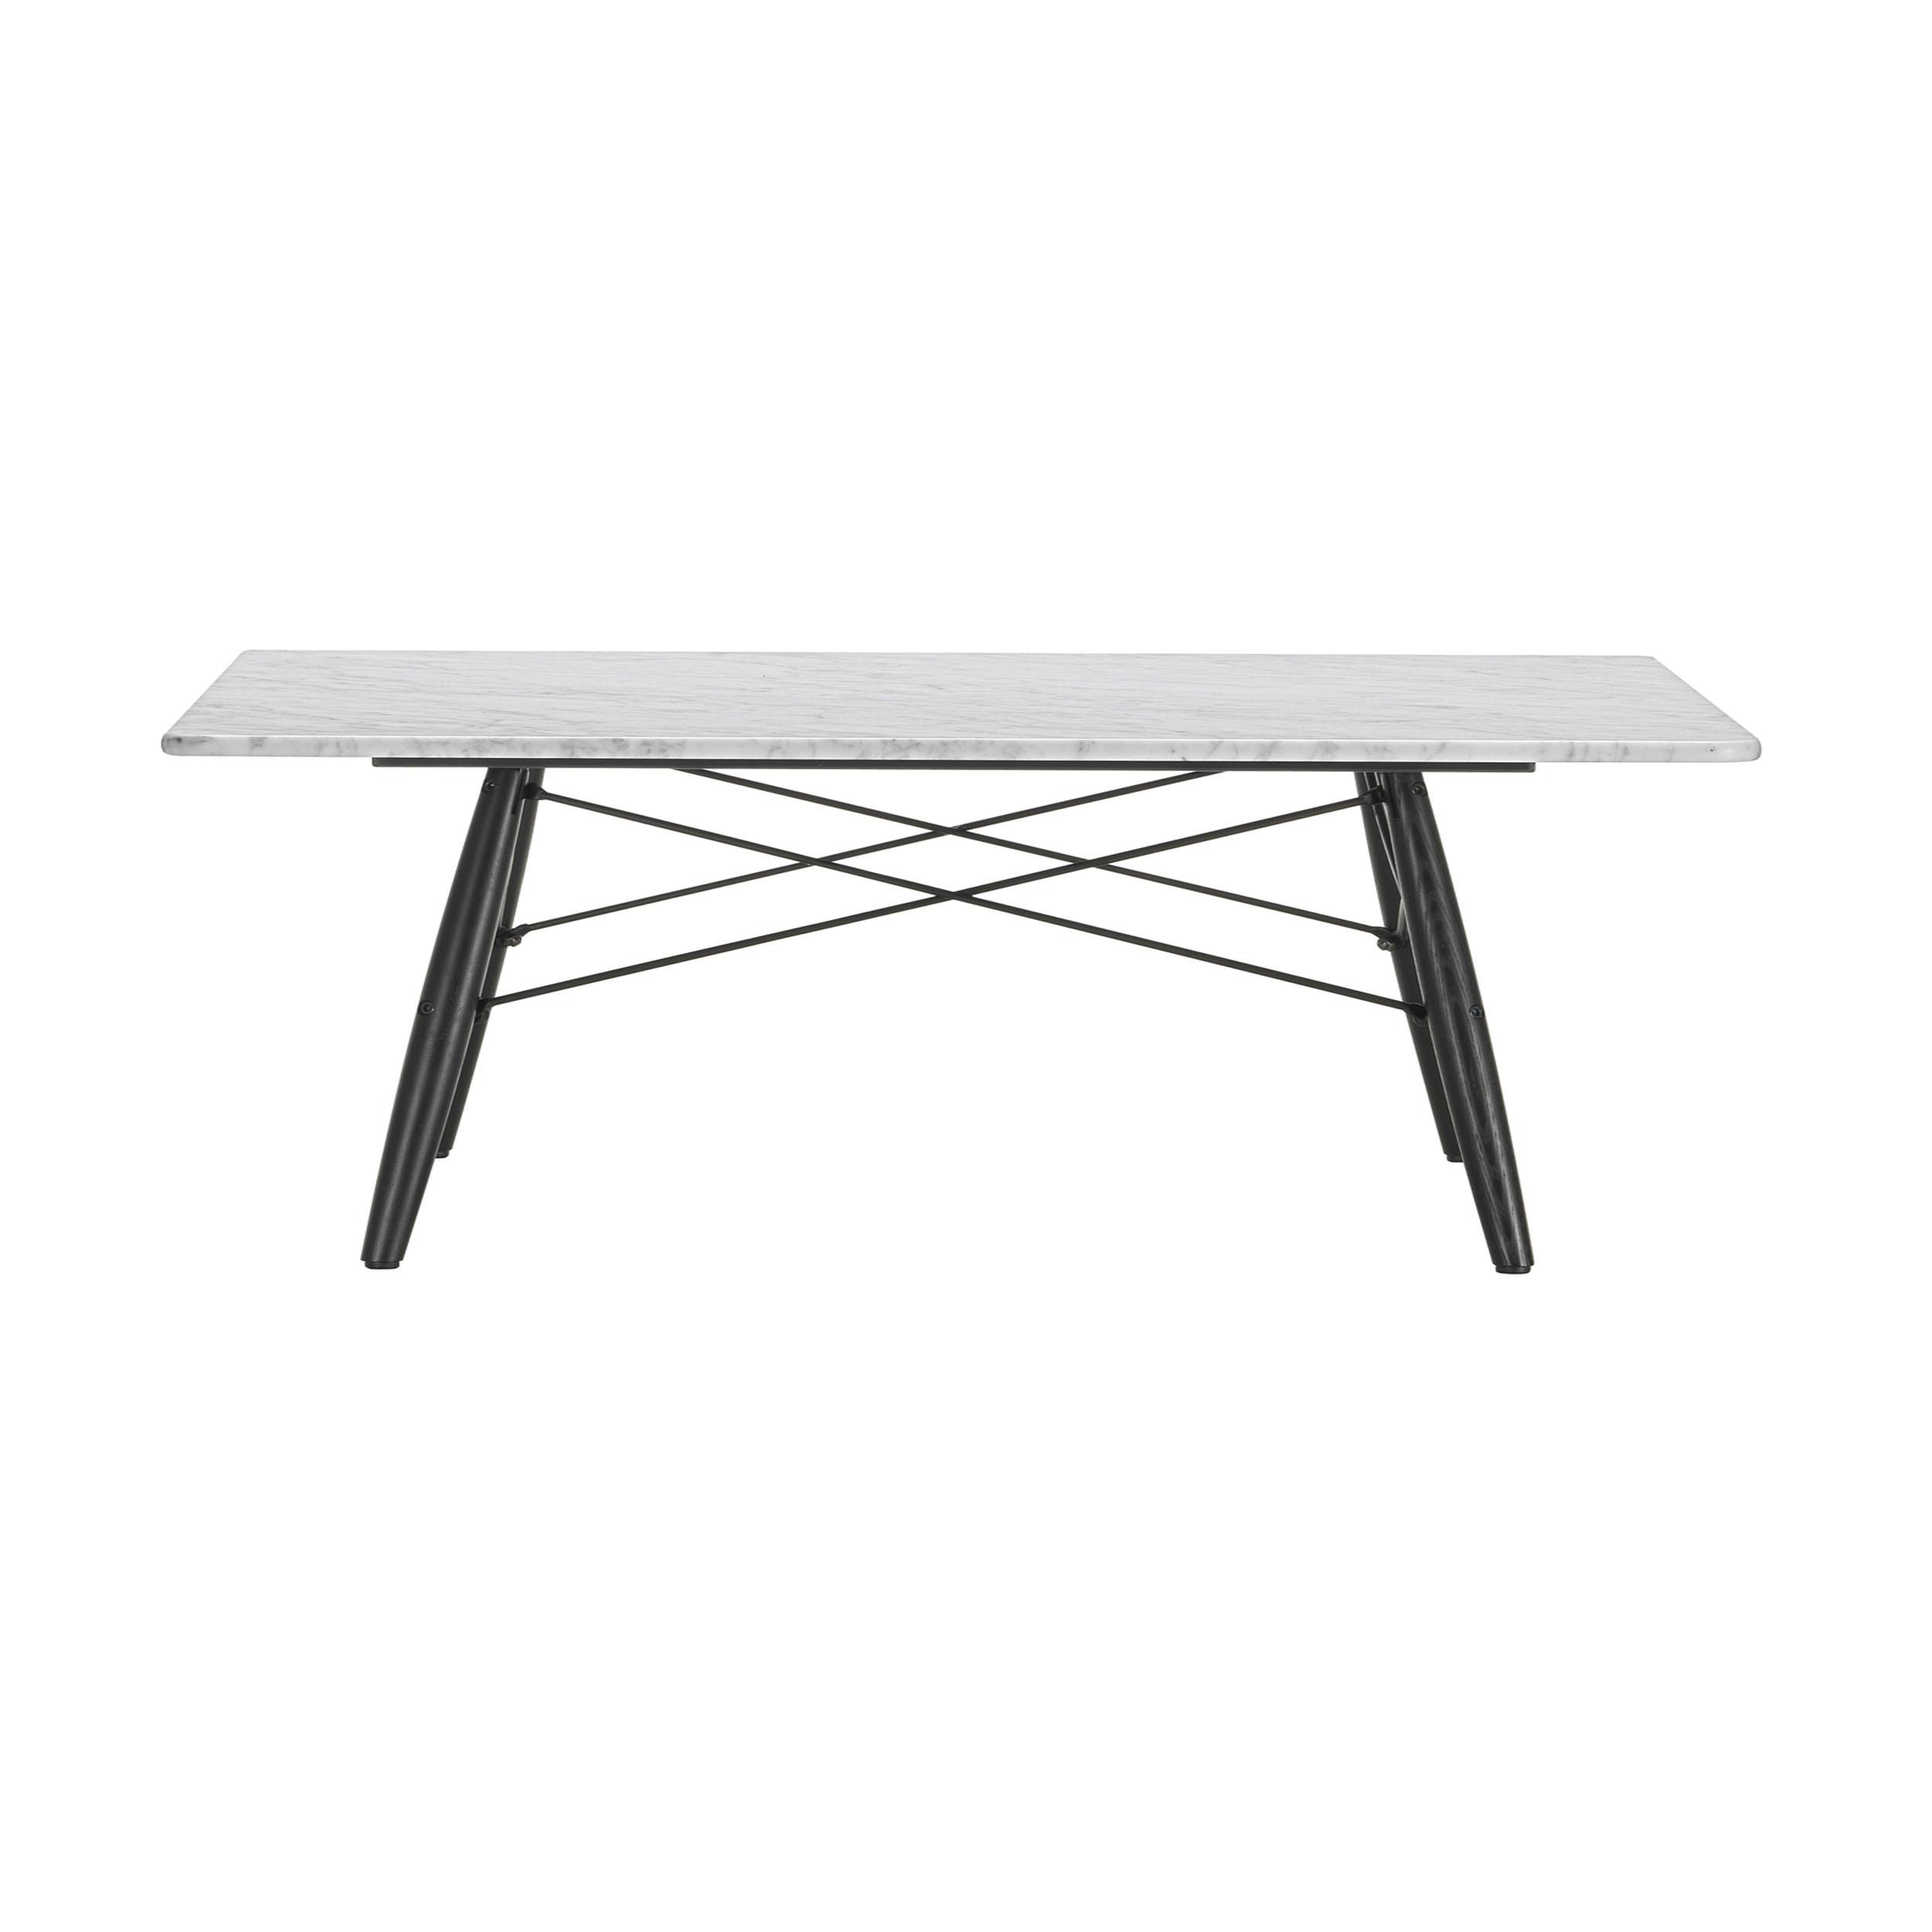 eames coffee table beistelltisch l marmor online kaufen bei woonio. Black Bedroom Furniture Sets. Home Design Ideas